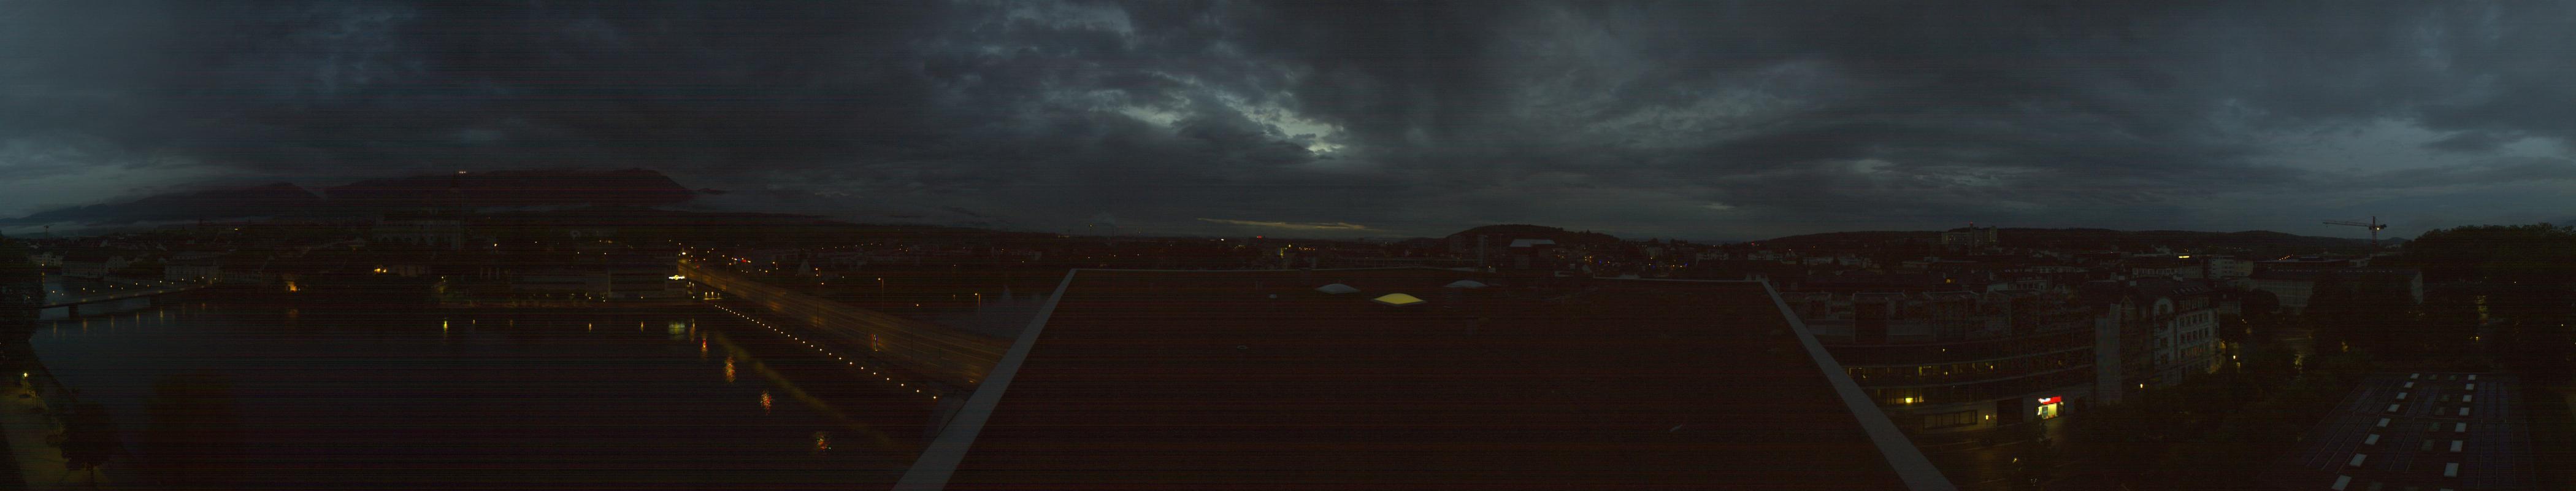 9h ago - 05:16